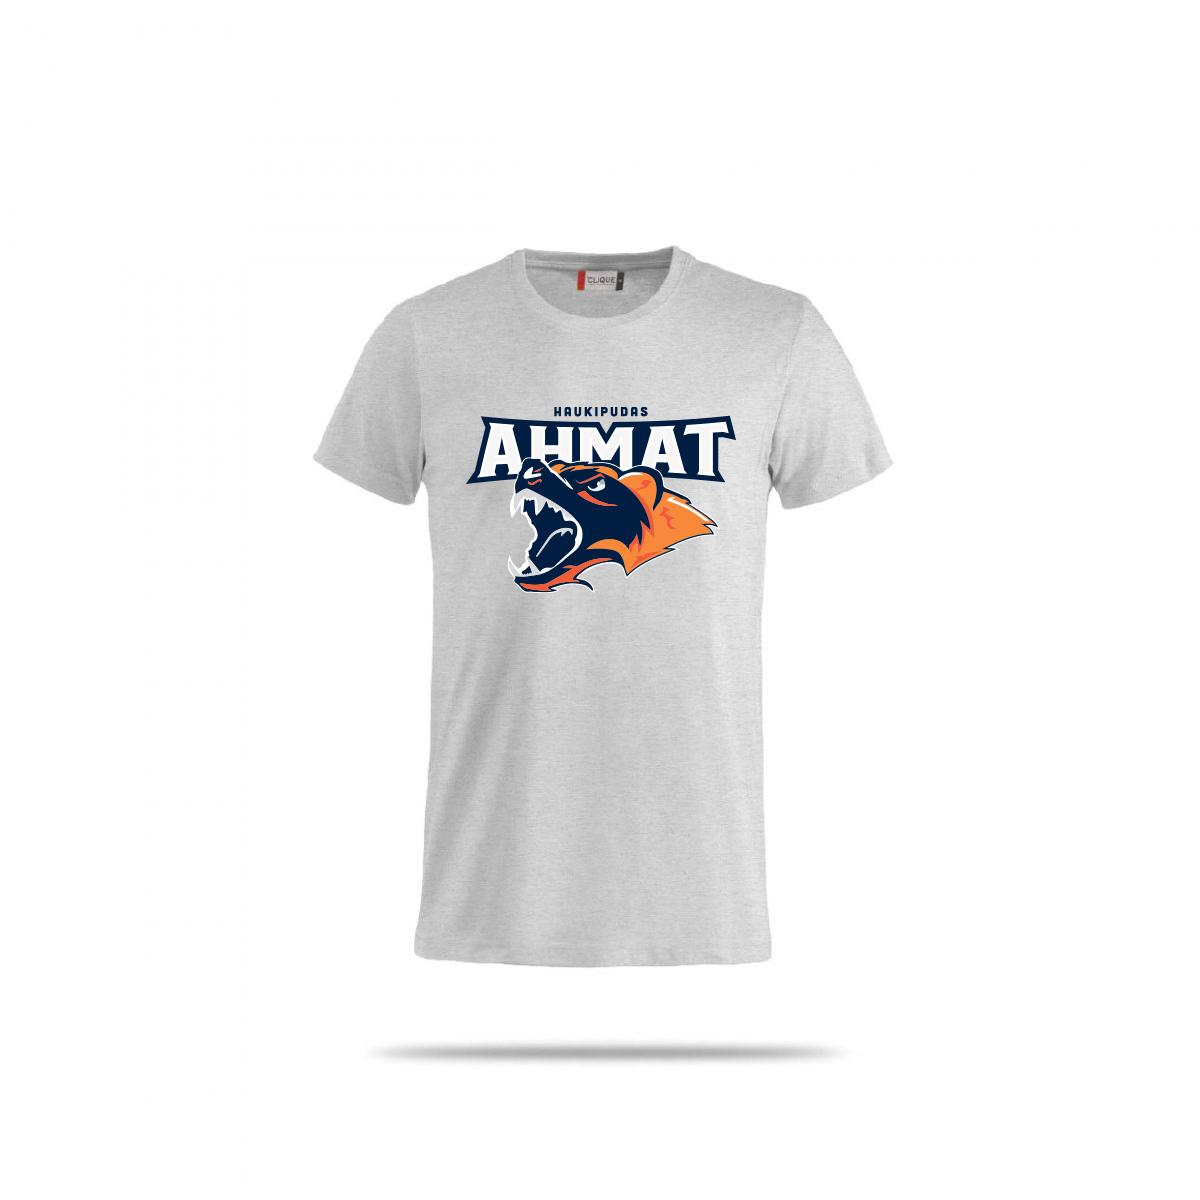 Ahmat-fani-3020-harmaa-original